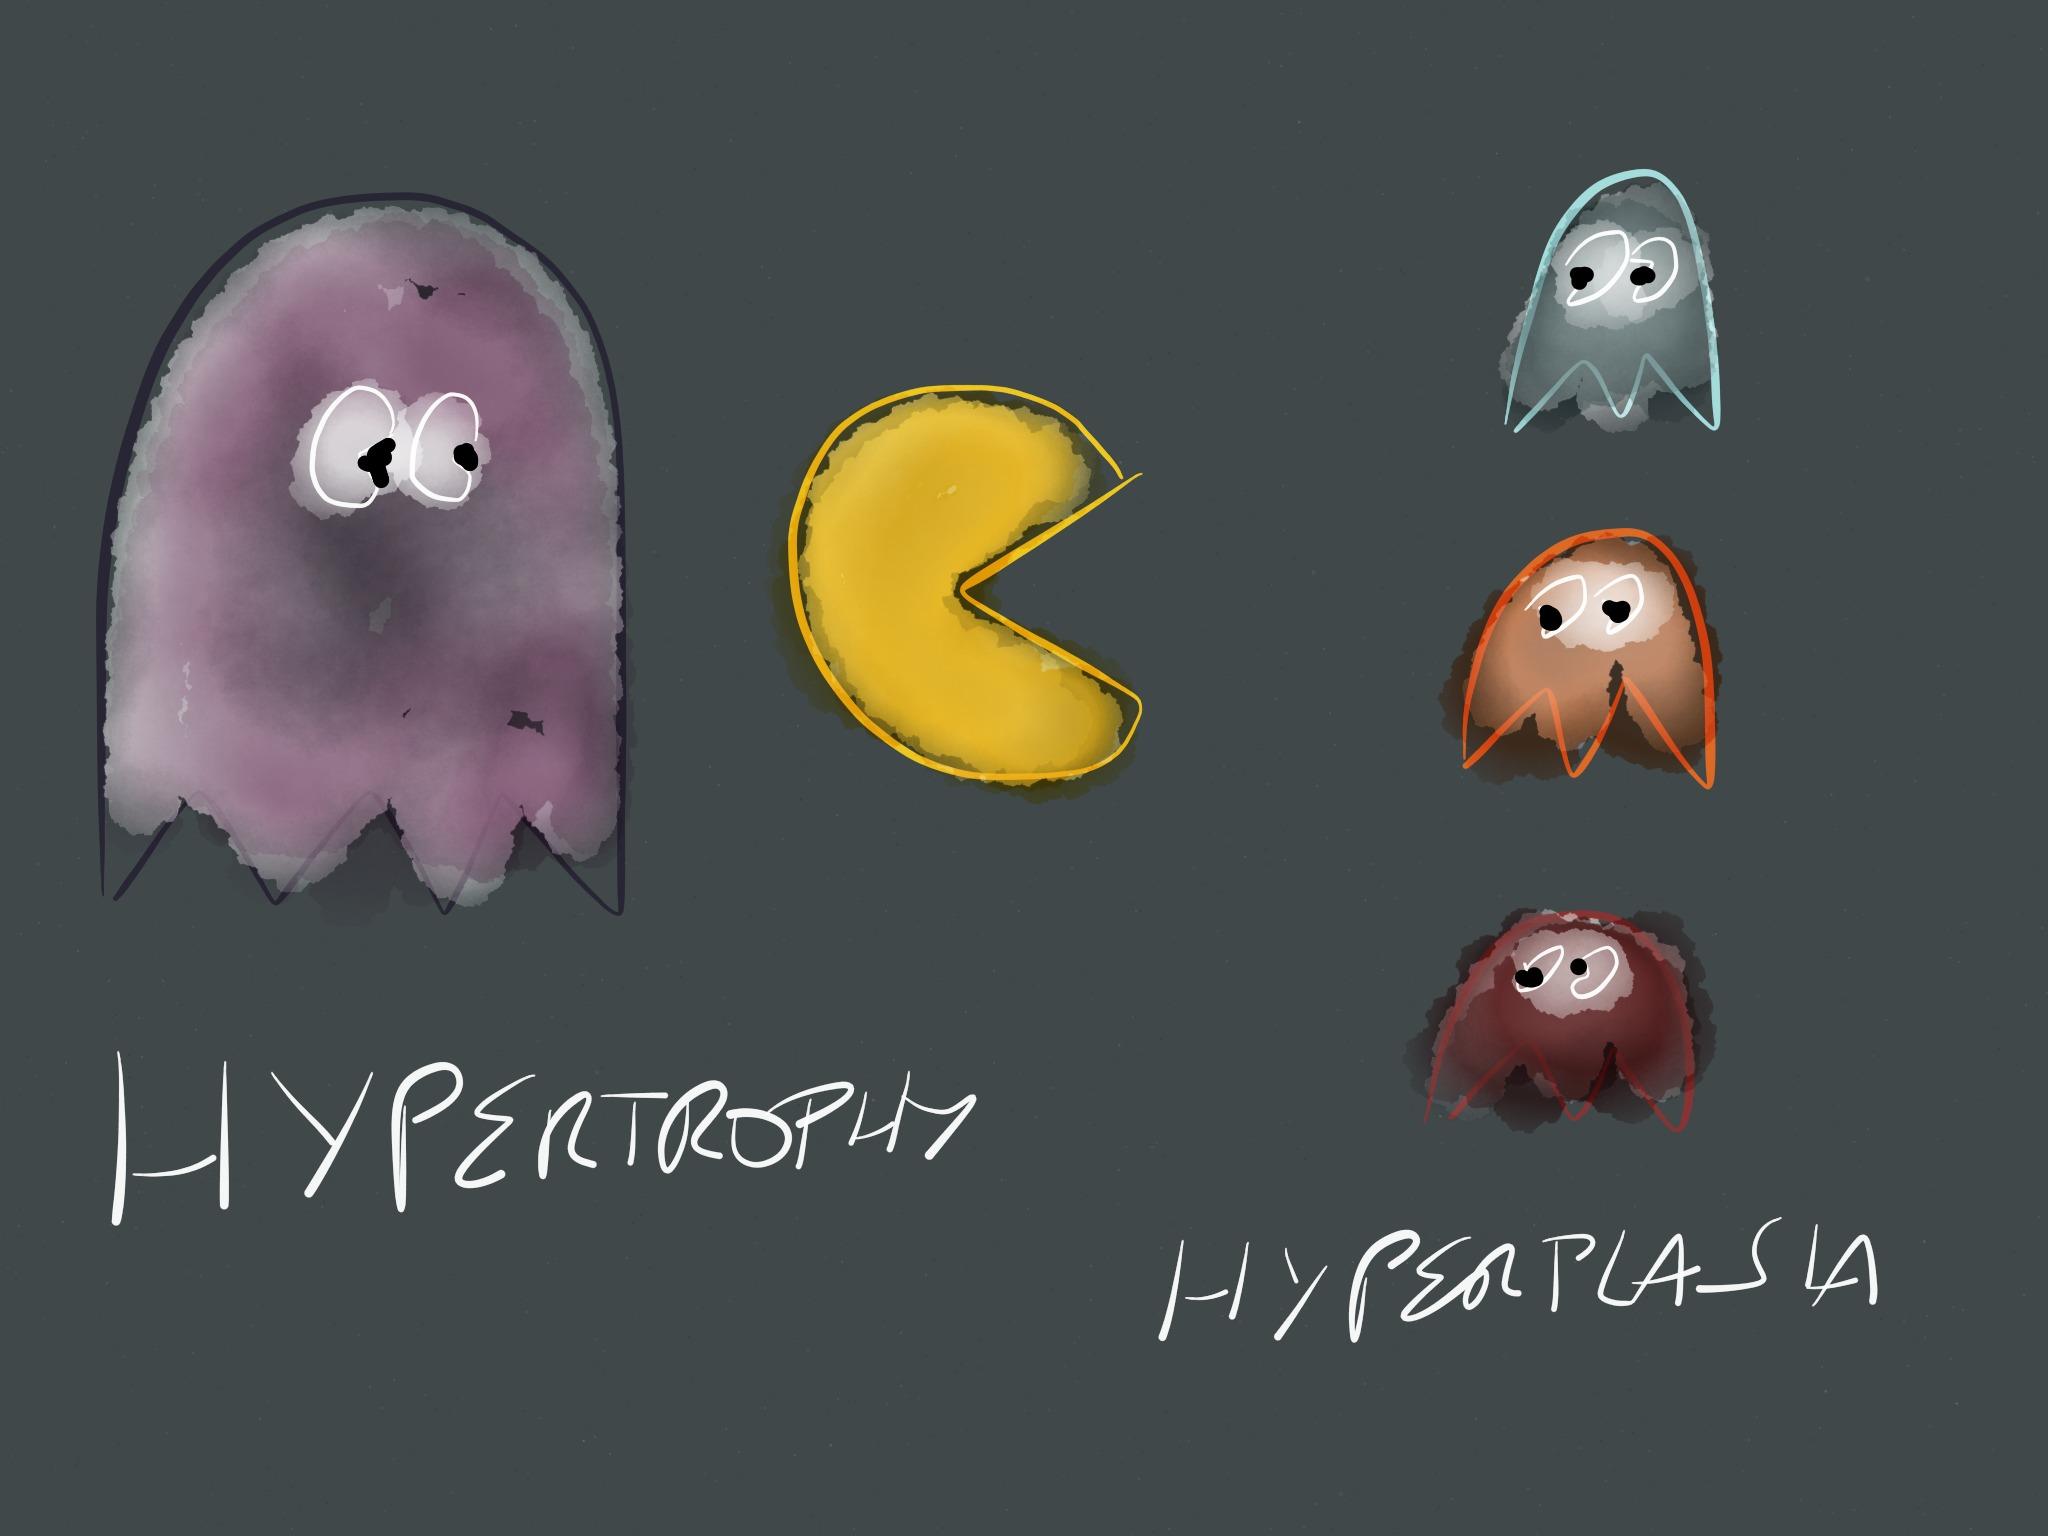 Hyperplasia v hypertrophy